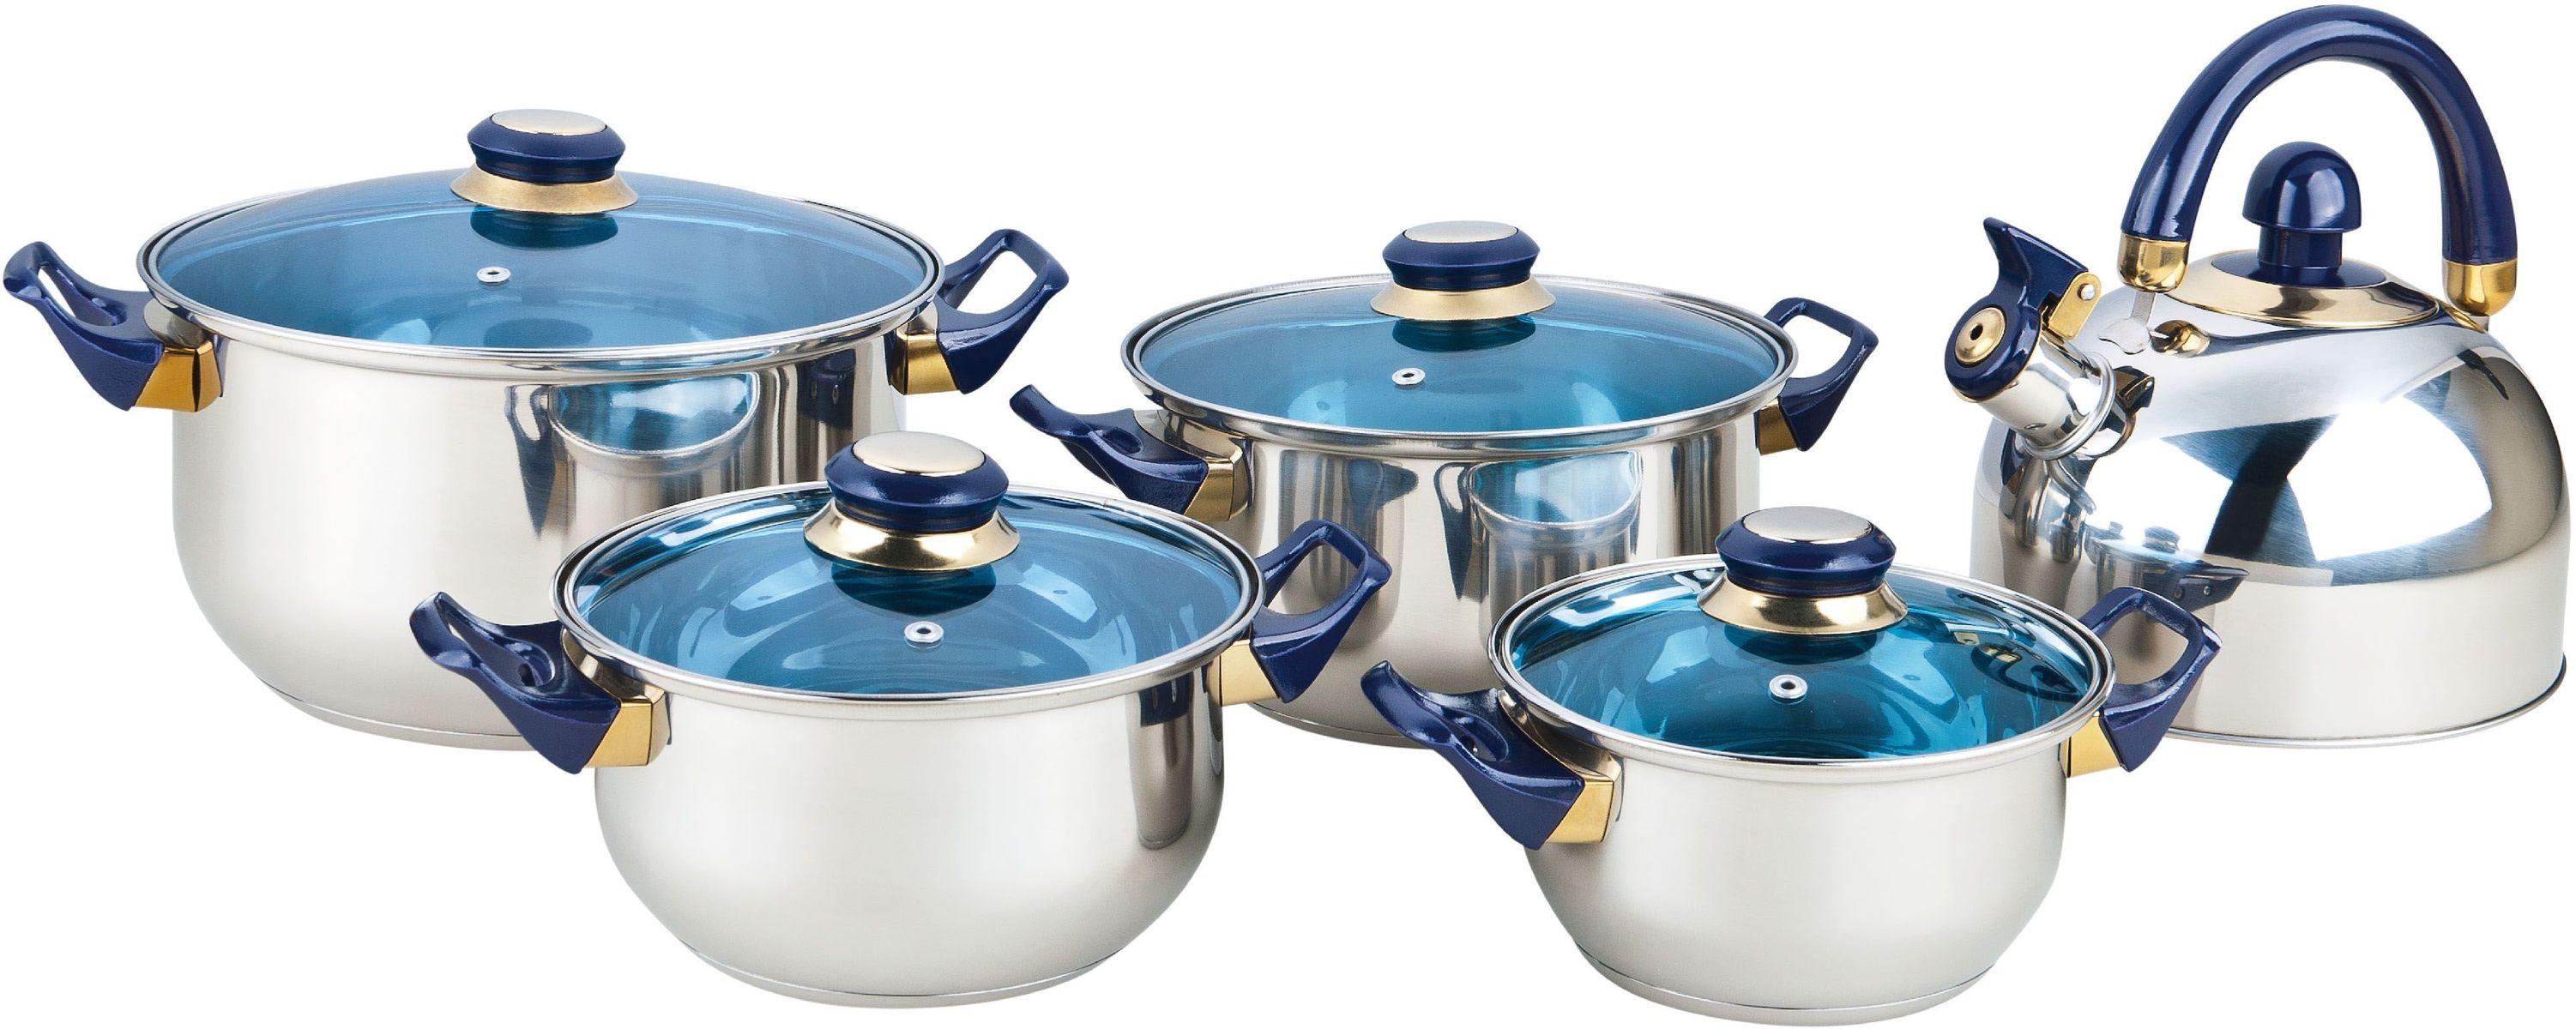 Набор посуды Bekker Classic, 9 предметов. BK-4605BK-46059 предметов: 4 кастрюли со стеклянными крышками : 16см/1,6л, 18см/2,4л, 20см/2,8л, 24см/5,6л и чайник 2л. метал.со свистком и подвижной ручкой. Ручки бакелитовые темно-синие, поверхность зеркальная, капсулированное дно, толщина стенки 0,3 мм, дна 1,0 мм. Подходит для чистки в посудомоечной машине. Состав: нержавеющая сталь.